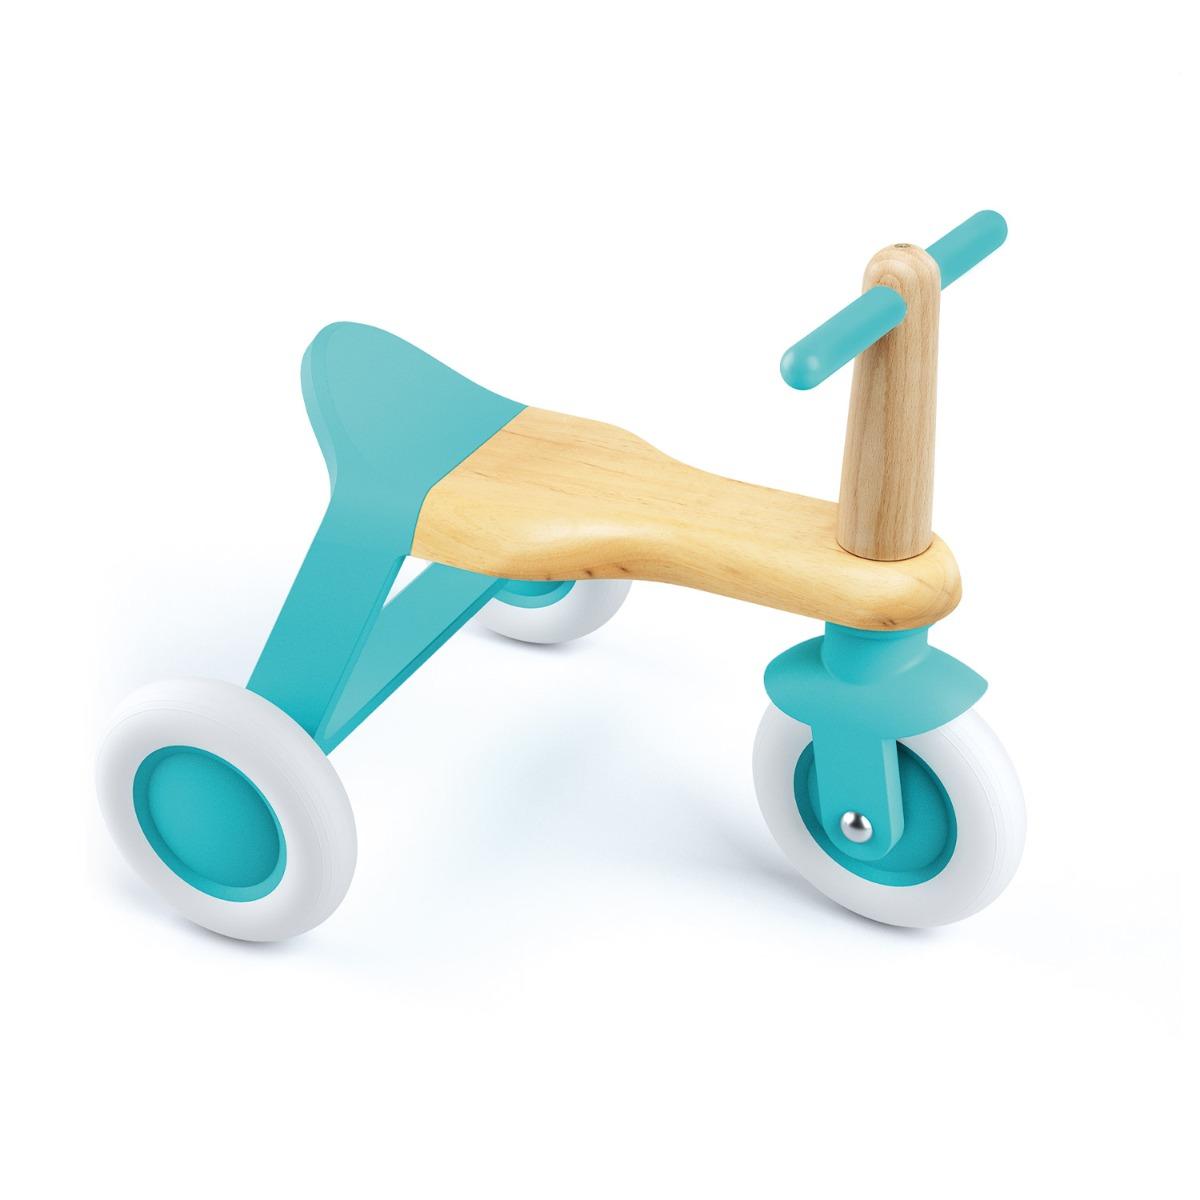 Designtorget Sittsparkcykel Roll it Blå